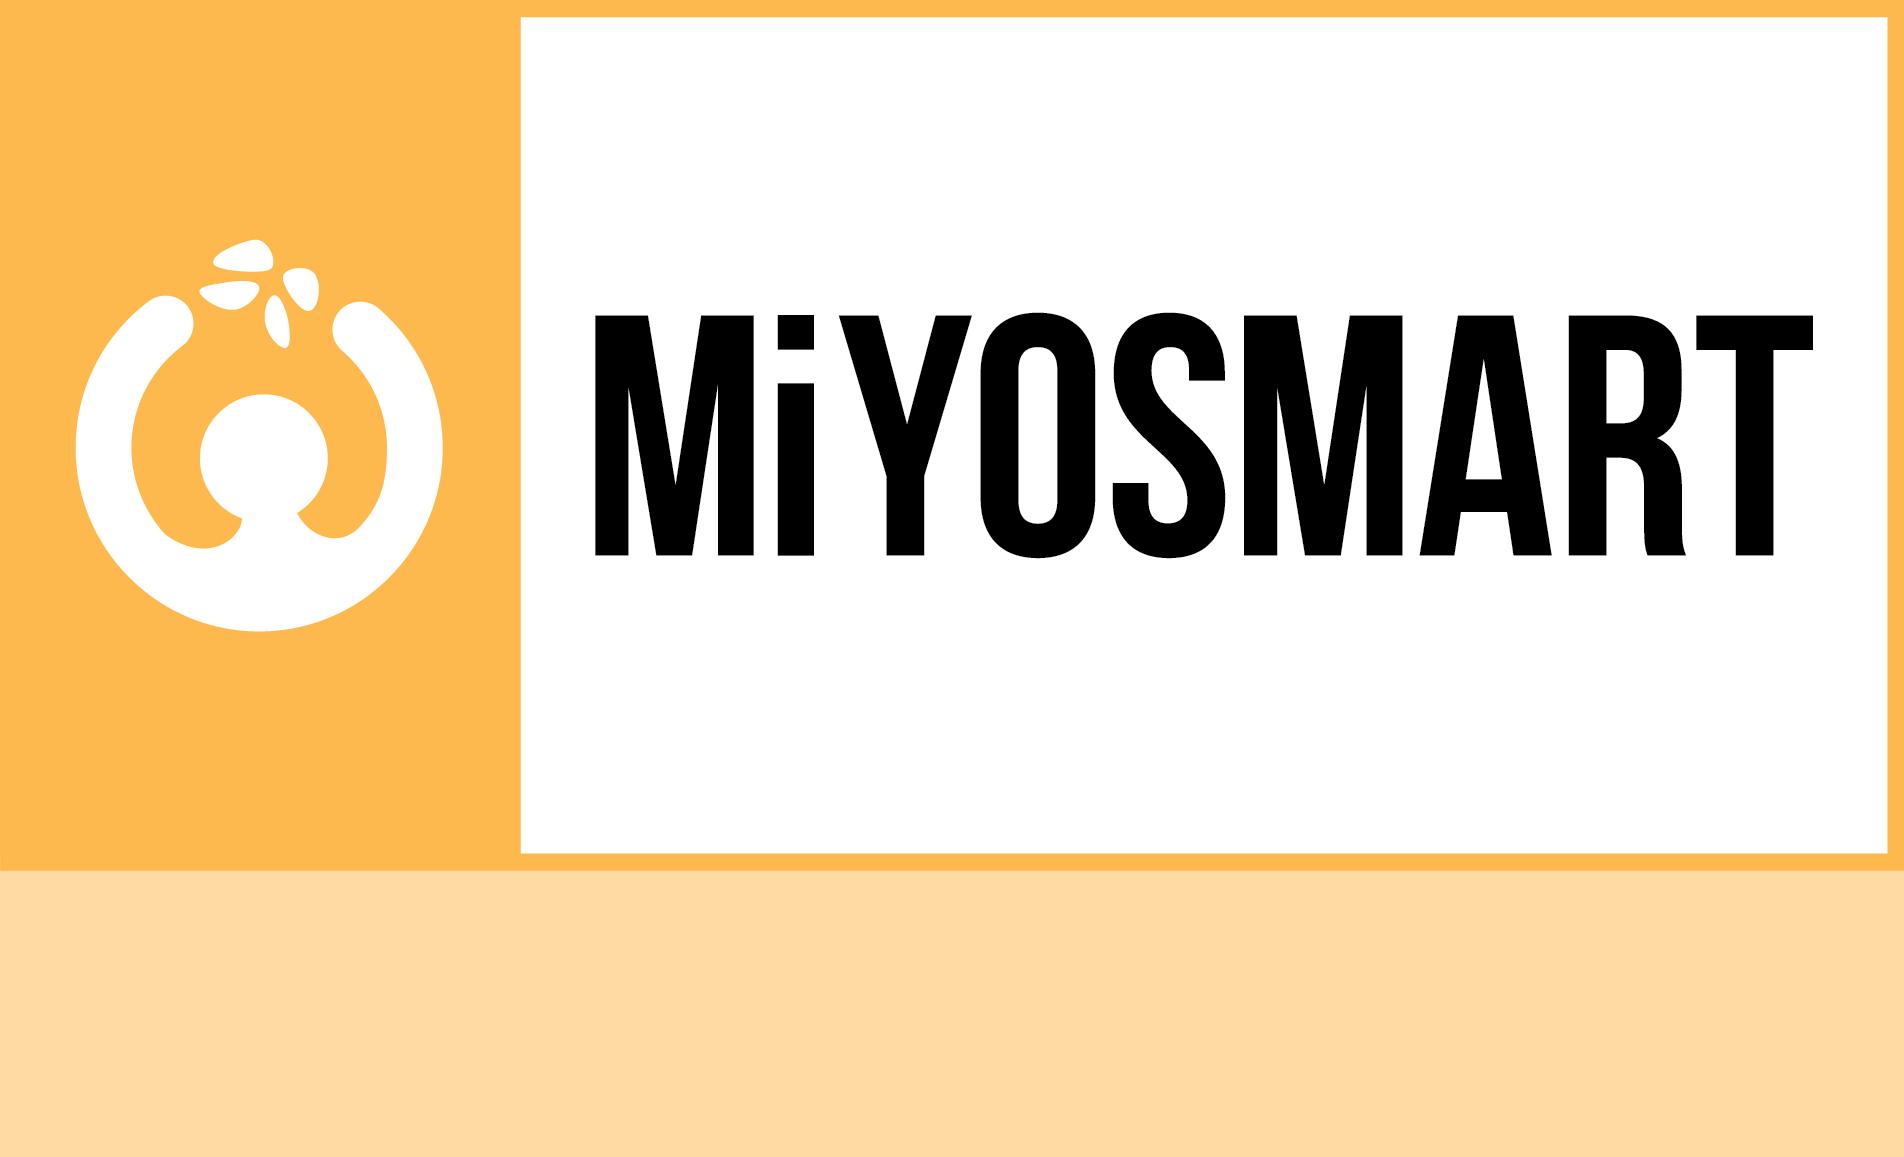 MIYOSMART LOGO_Global.png (45 KB)